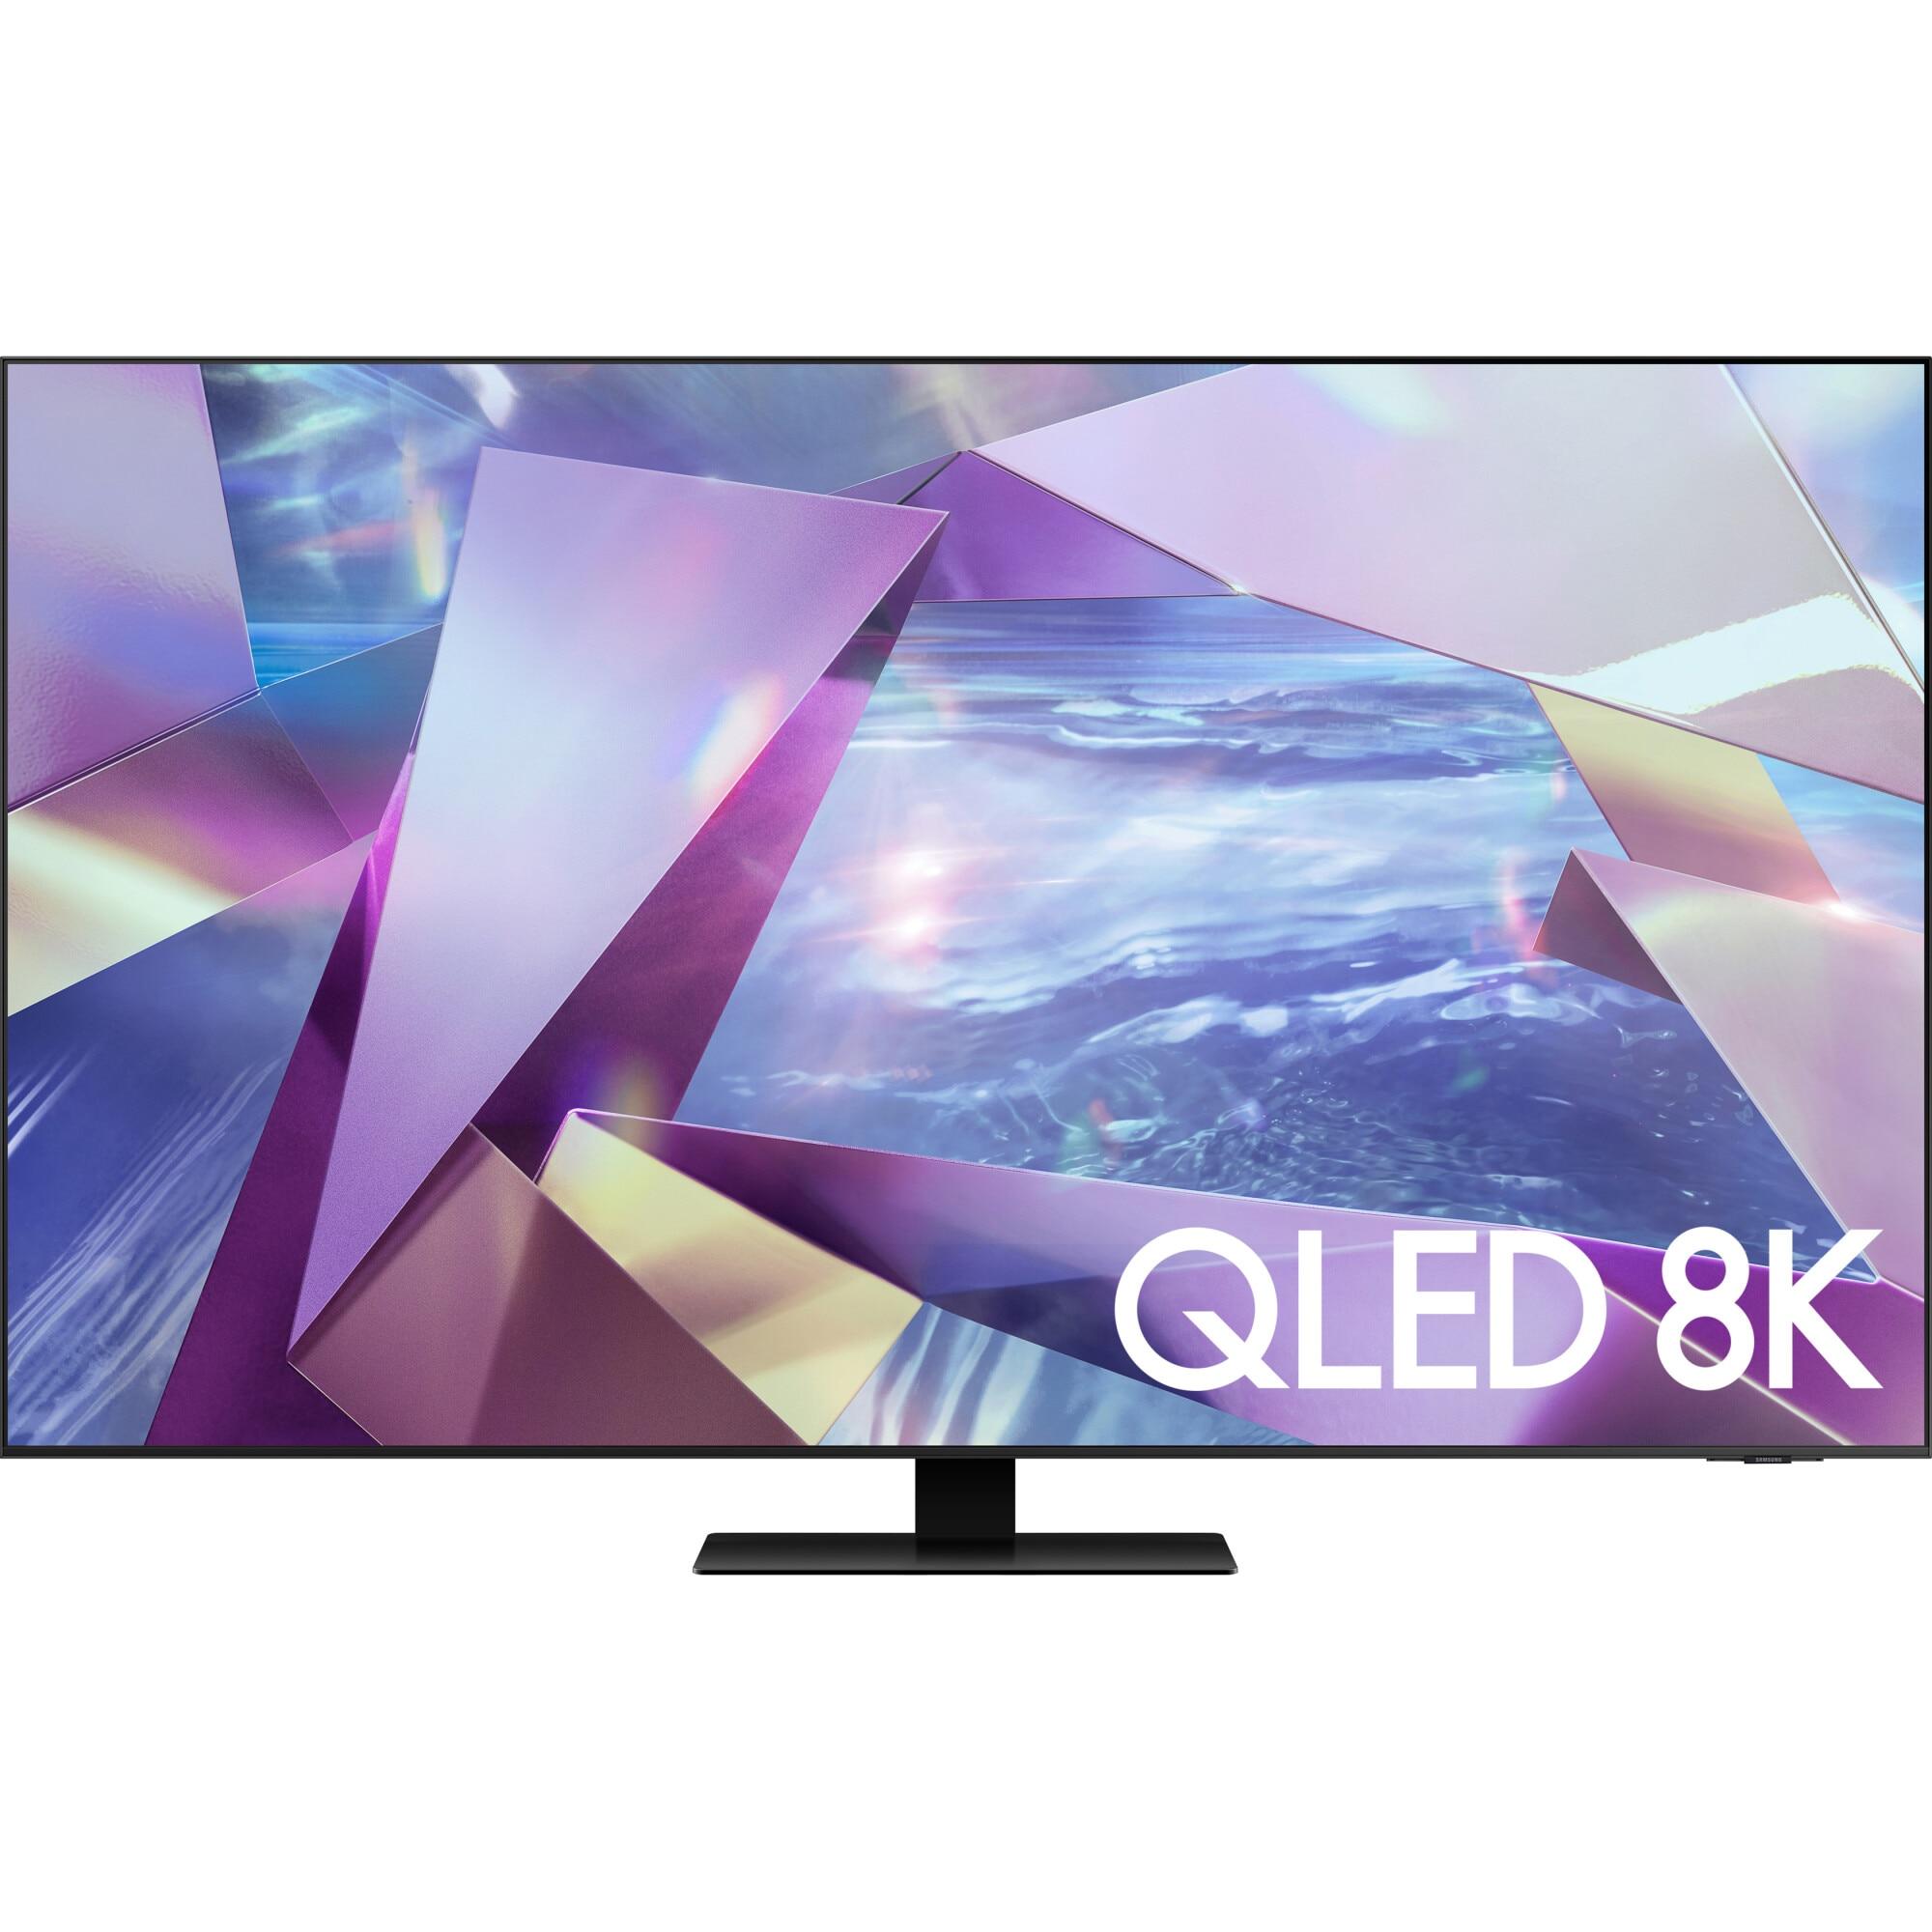 Fotografie Televizor Samsung 55Q700T, 138 cm, Smart, 8K Ultra HD, QLED, Clasa G